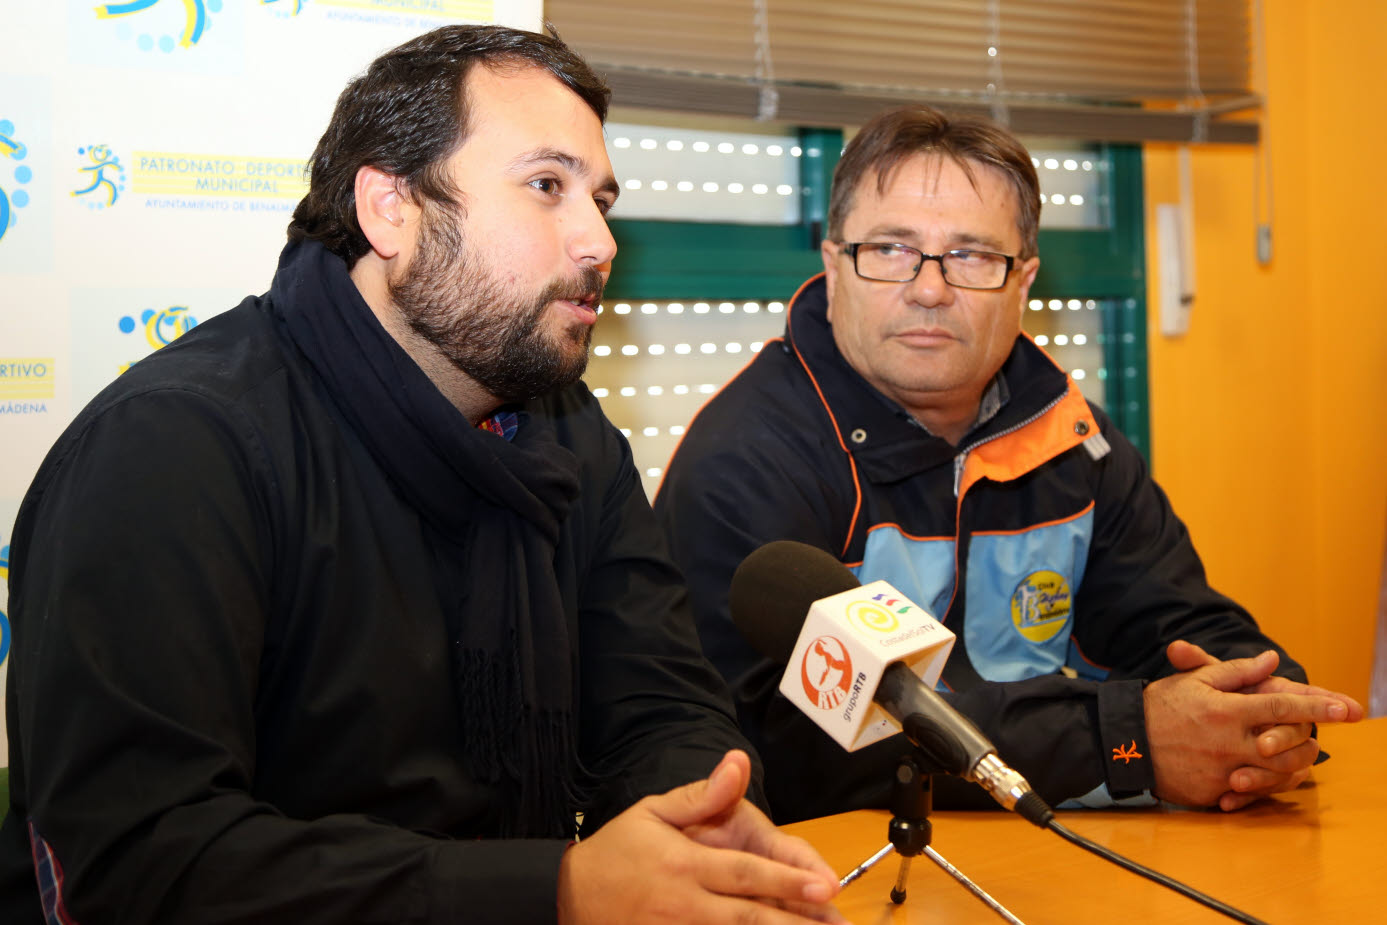 El Club de Hockey Benalmádena organiza una campaña de recogida de juguetes